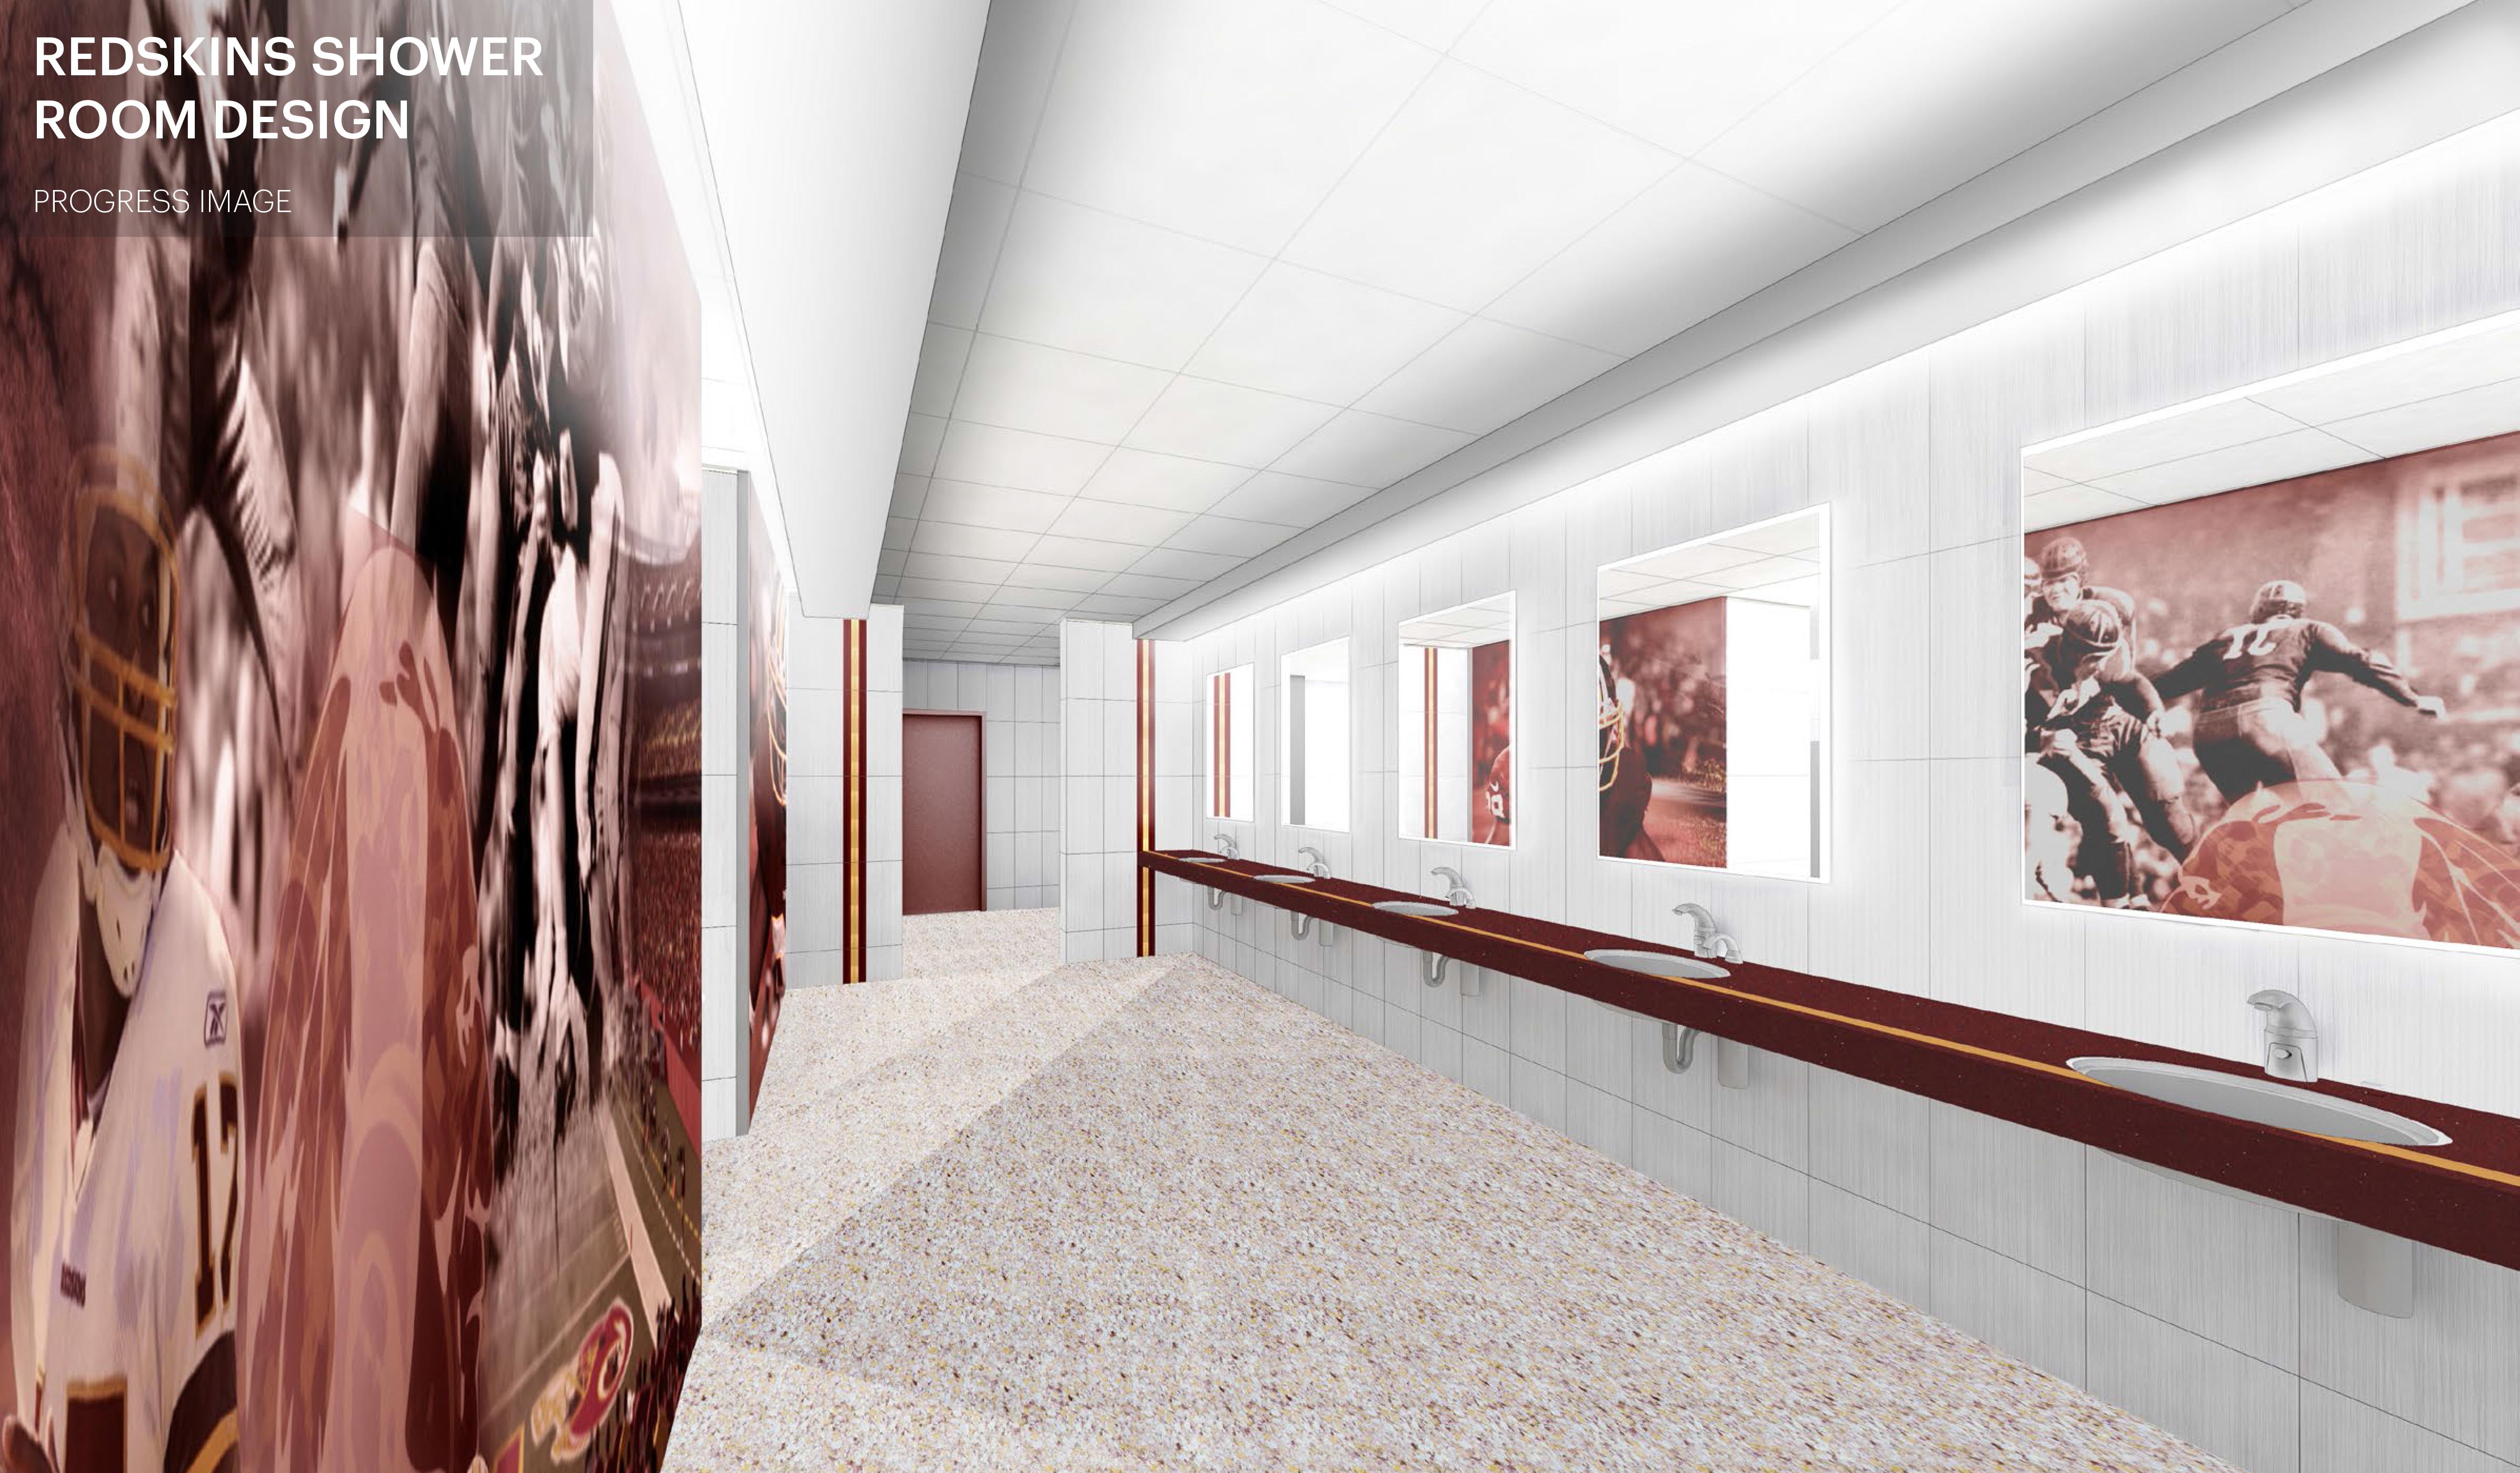 Redskins Shower Room